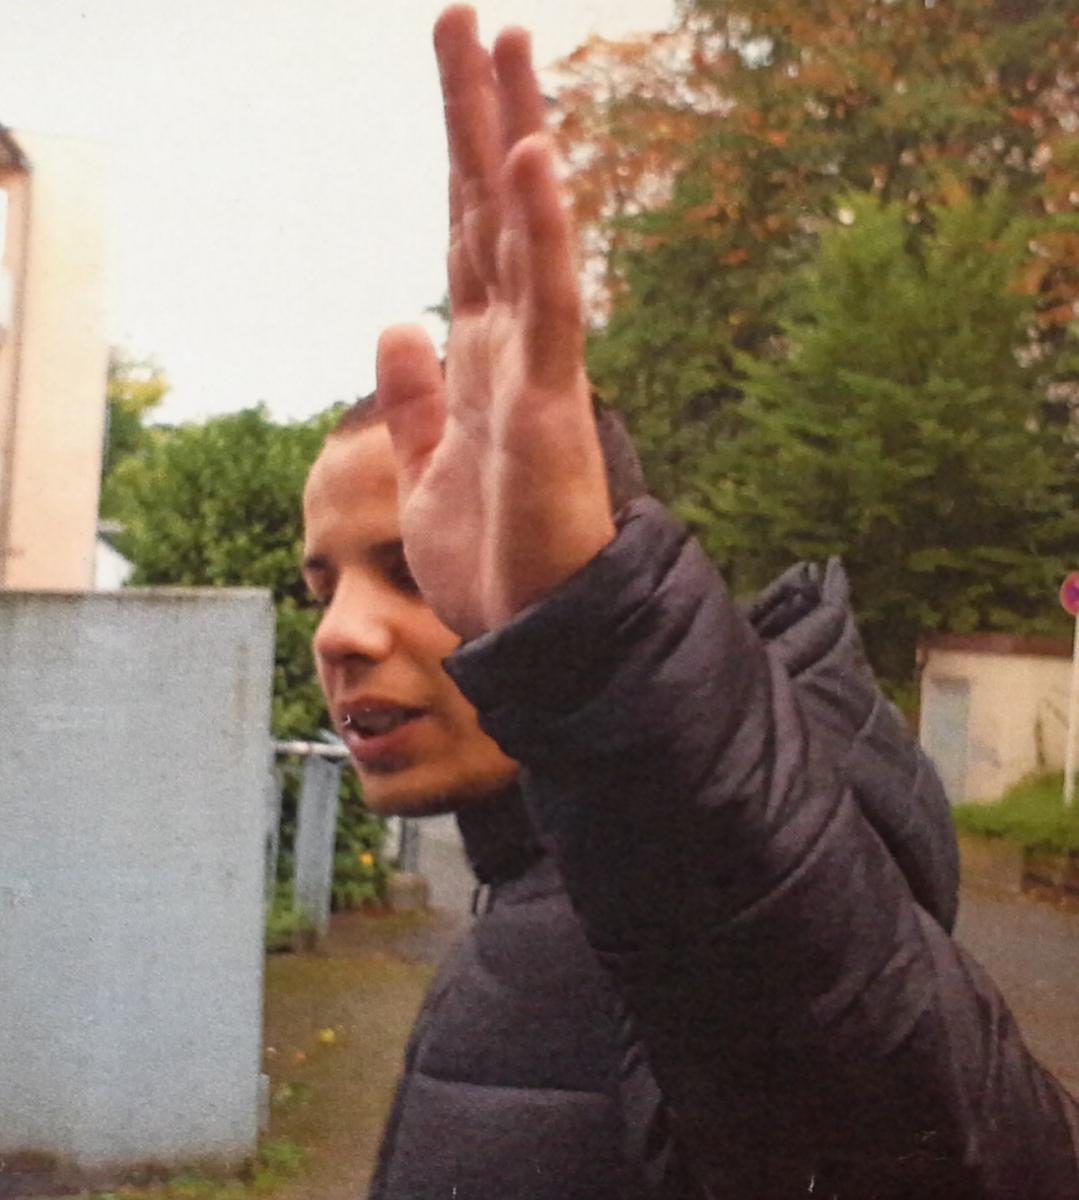 Lichtbild nach versuchtem Diebstahl in Wuppertal